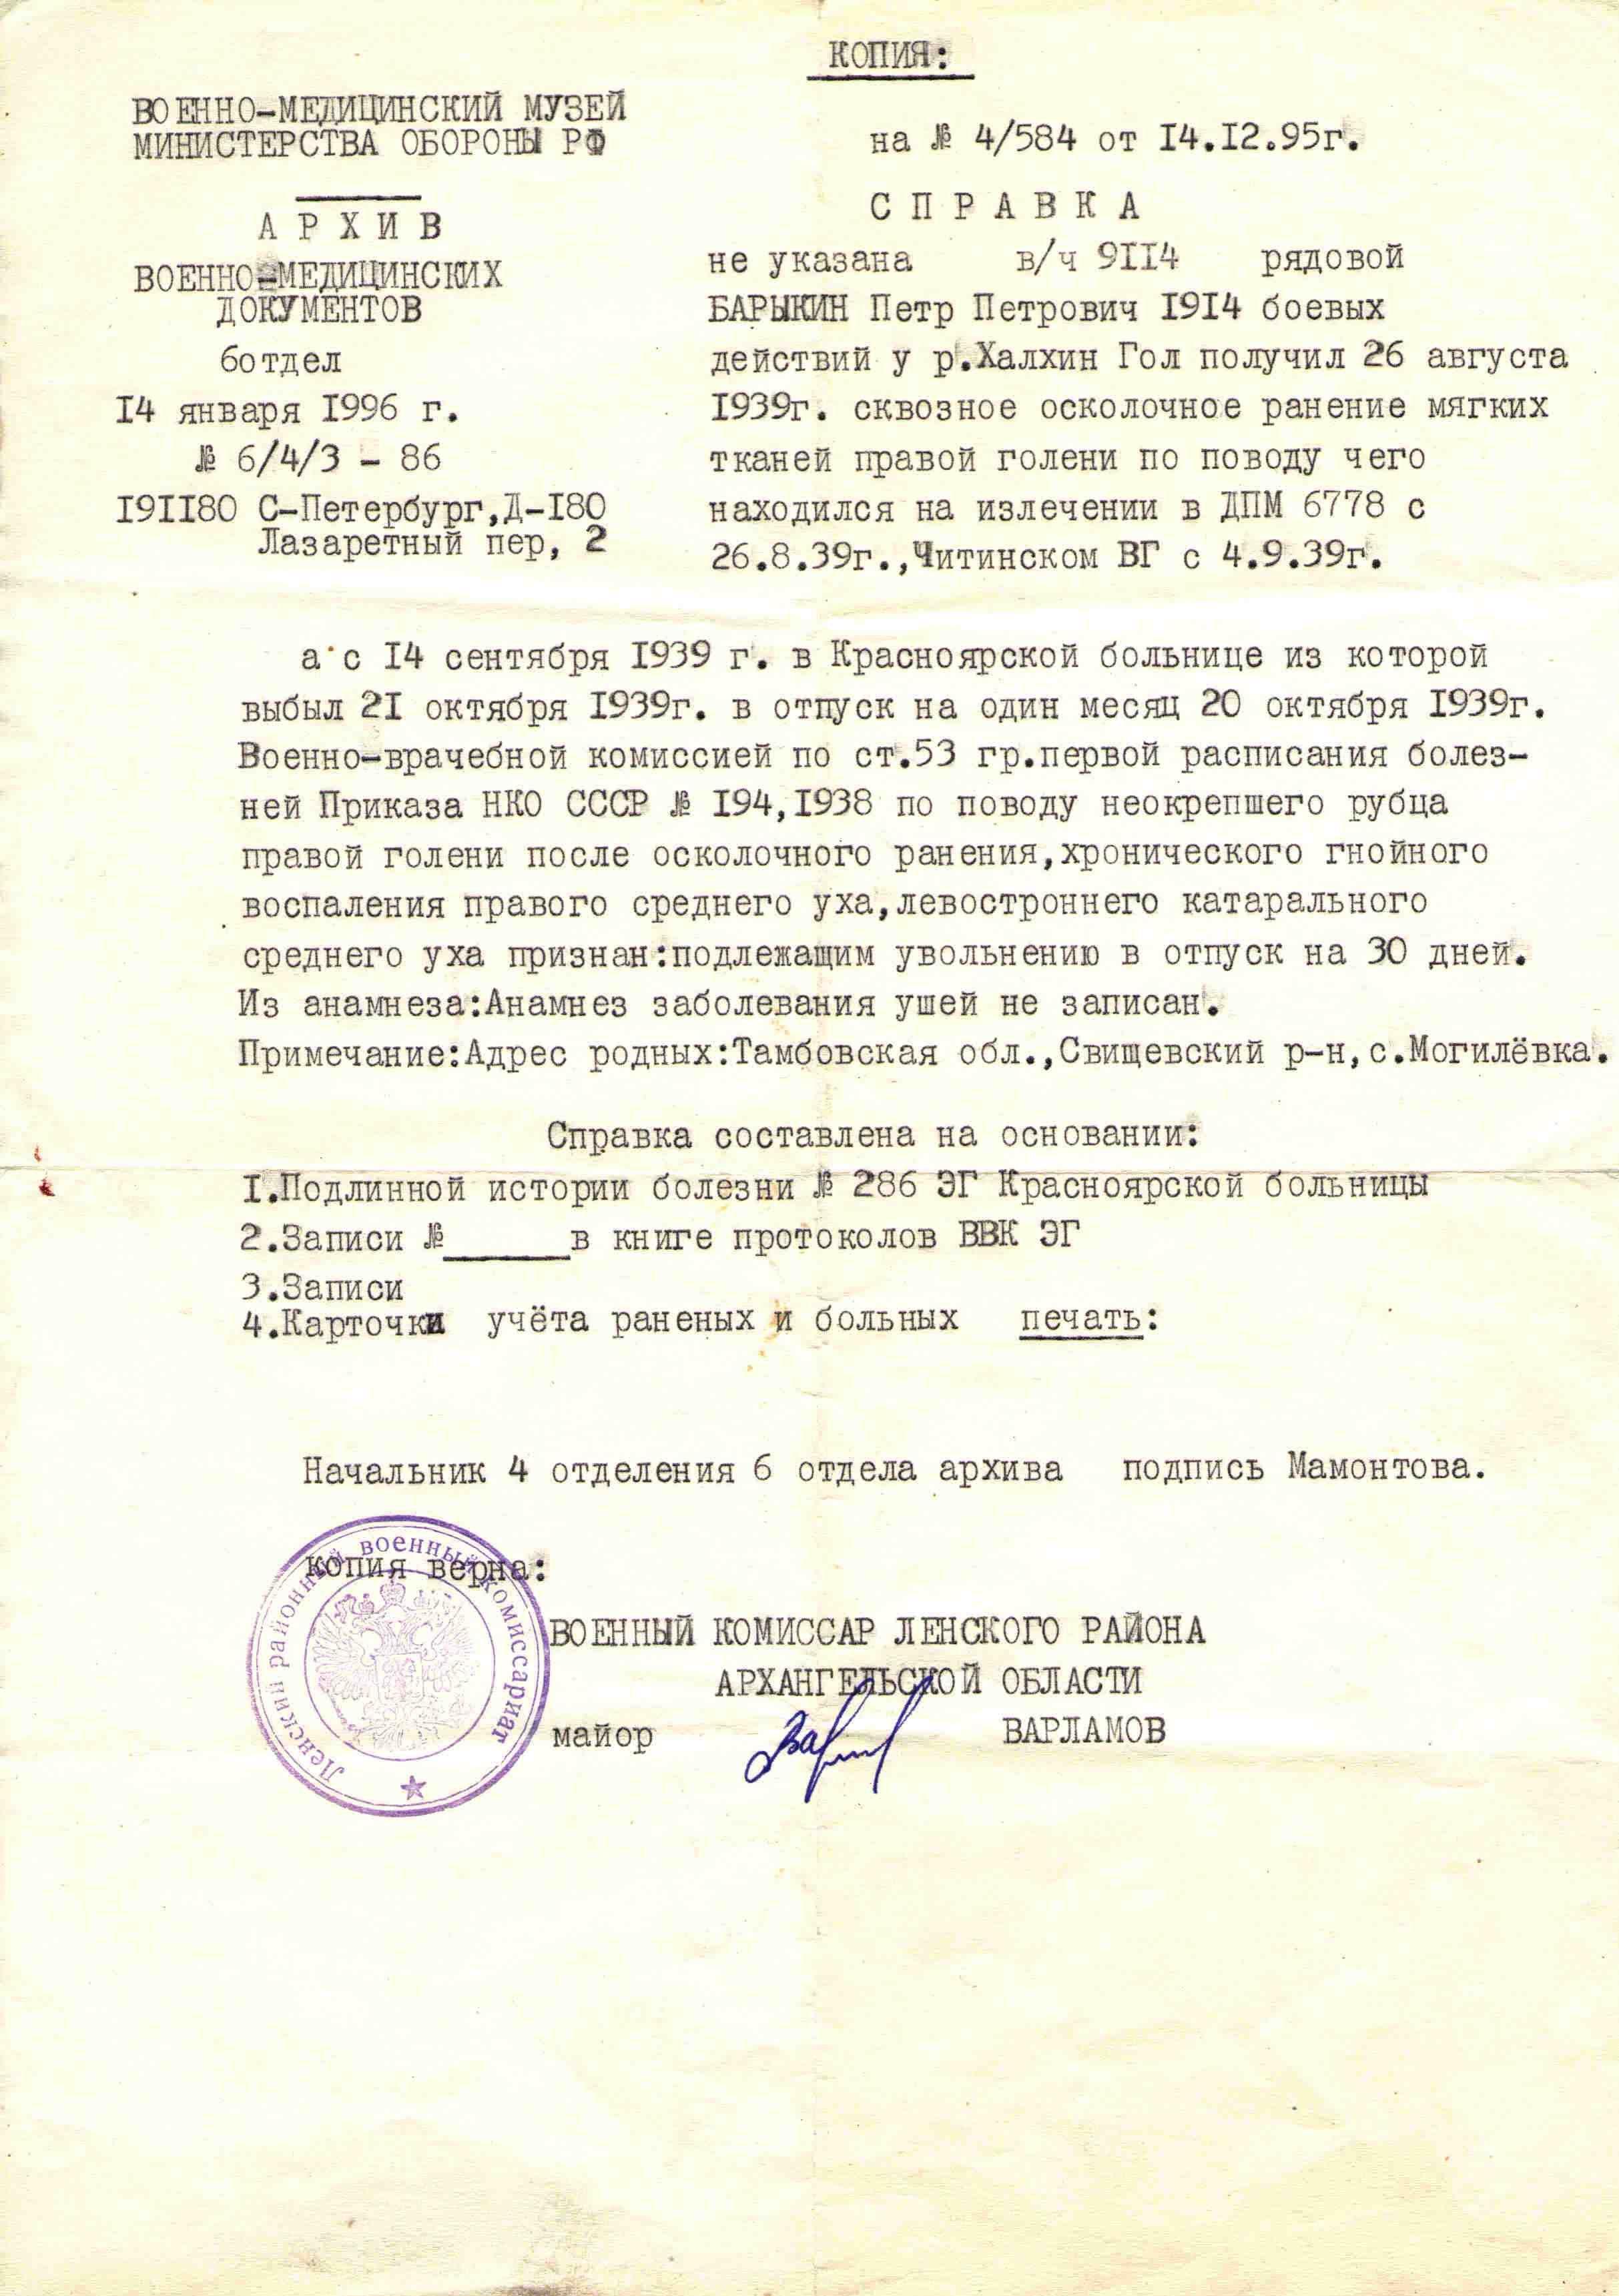 135. Справка о участии и ранении в боях у реки Халхин Гол,  Барыкин ПП, 1996